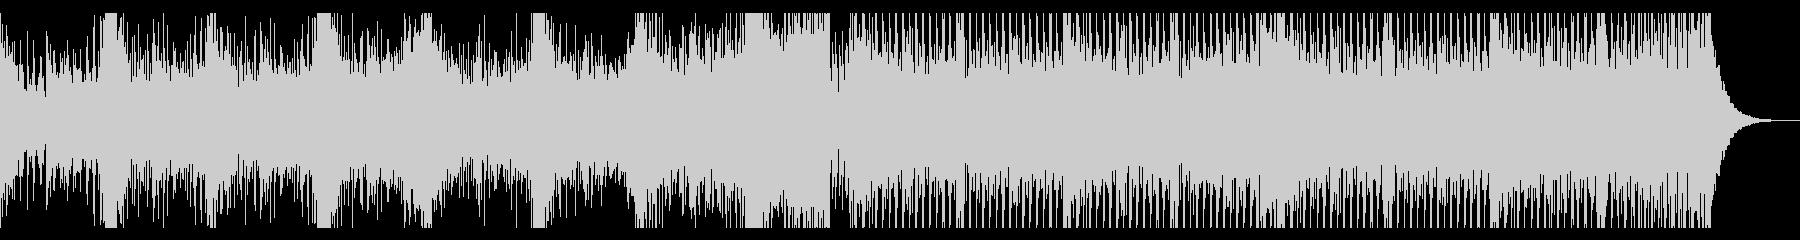 壮大なシネマティックエレクトロの未再生の波形